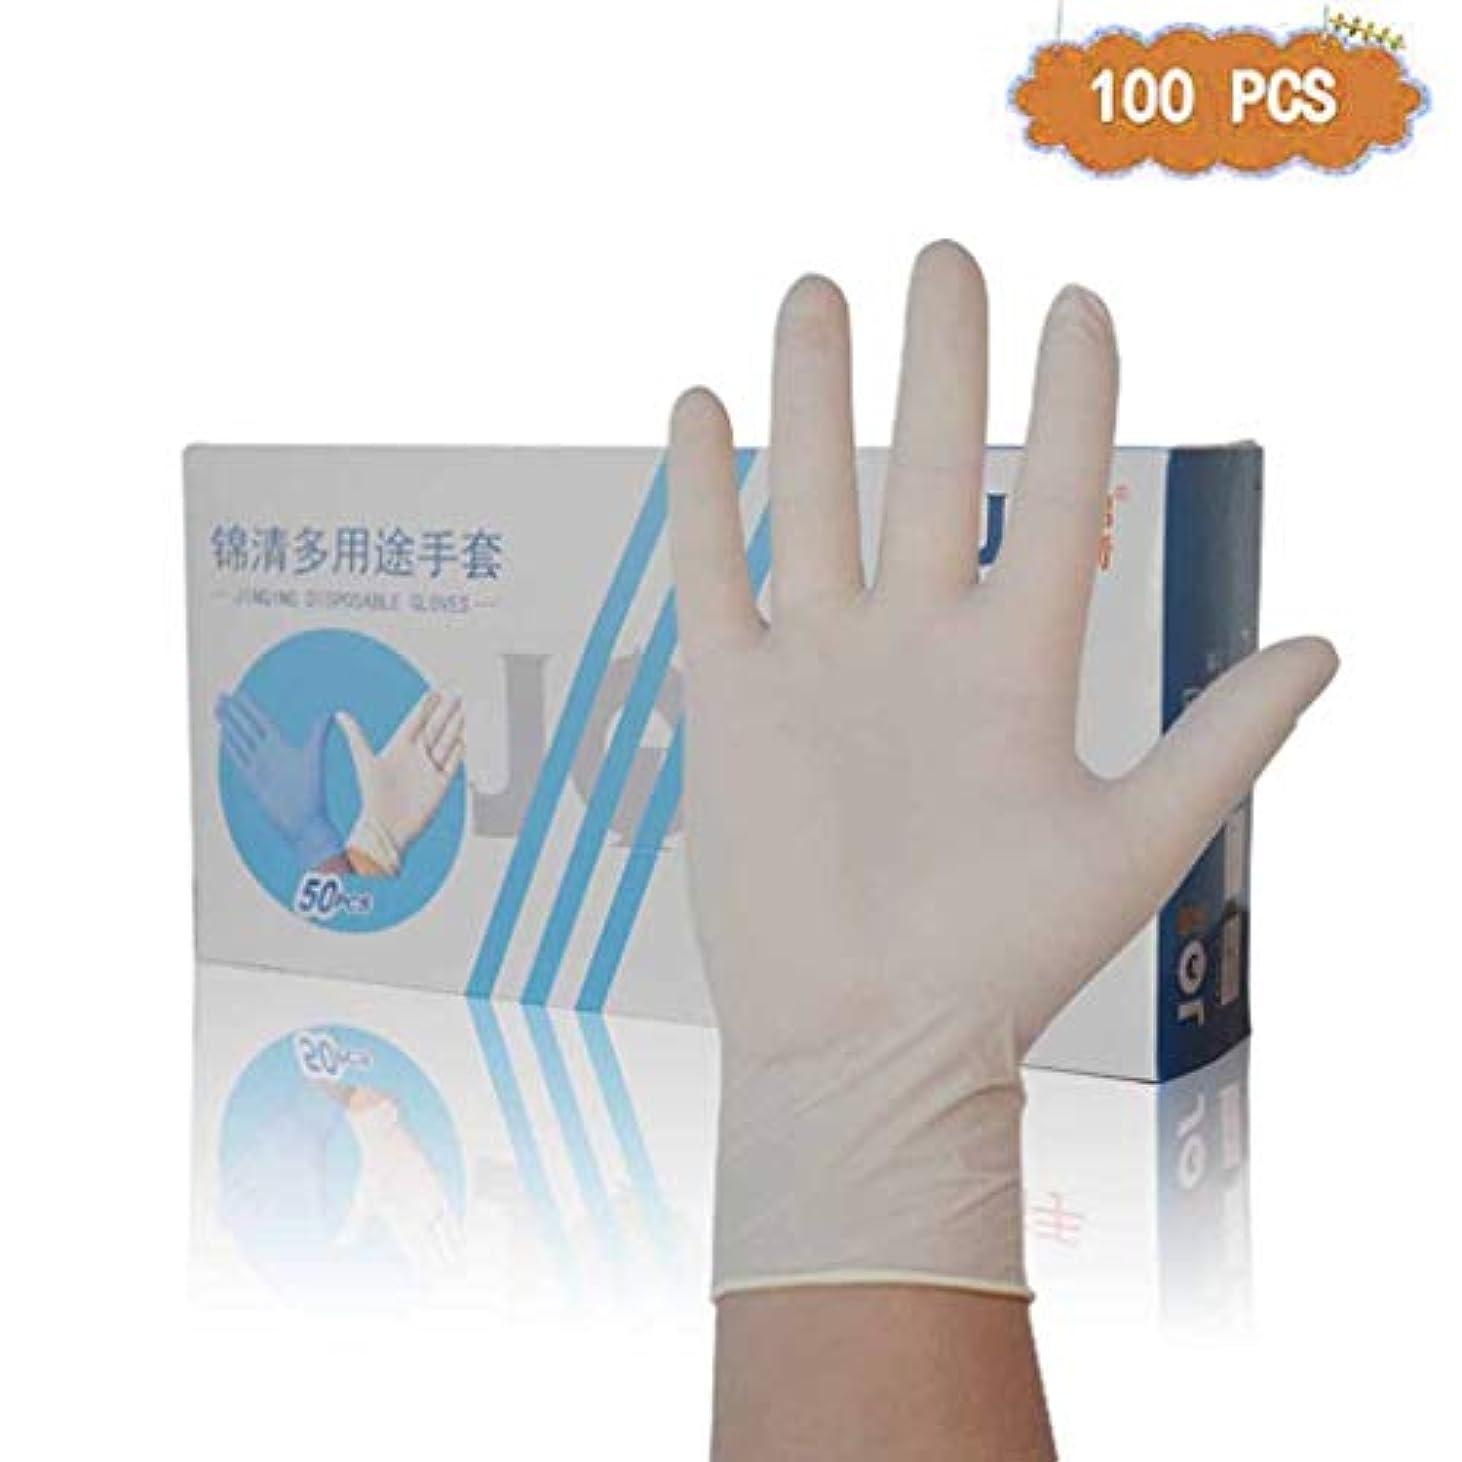 書店アサート最少白いラテックス使い捨て手袋食品ケータリングニトリルゴムクリーニング帯電防止テストゴム義務試験手袋|病院向けのプロフェッショナルグレード (Size : S)